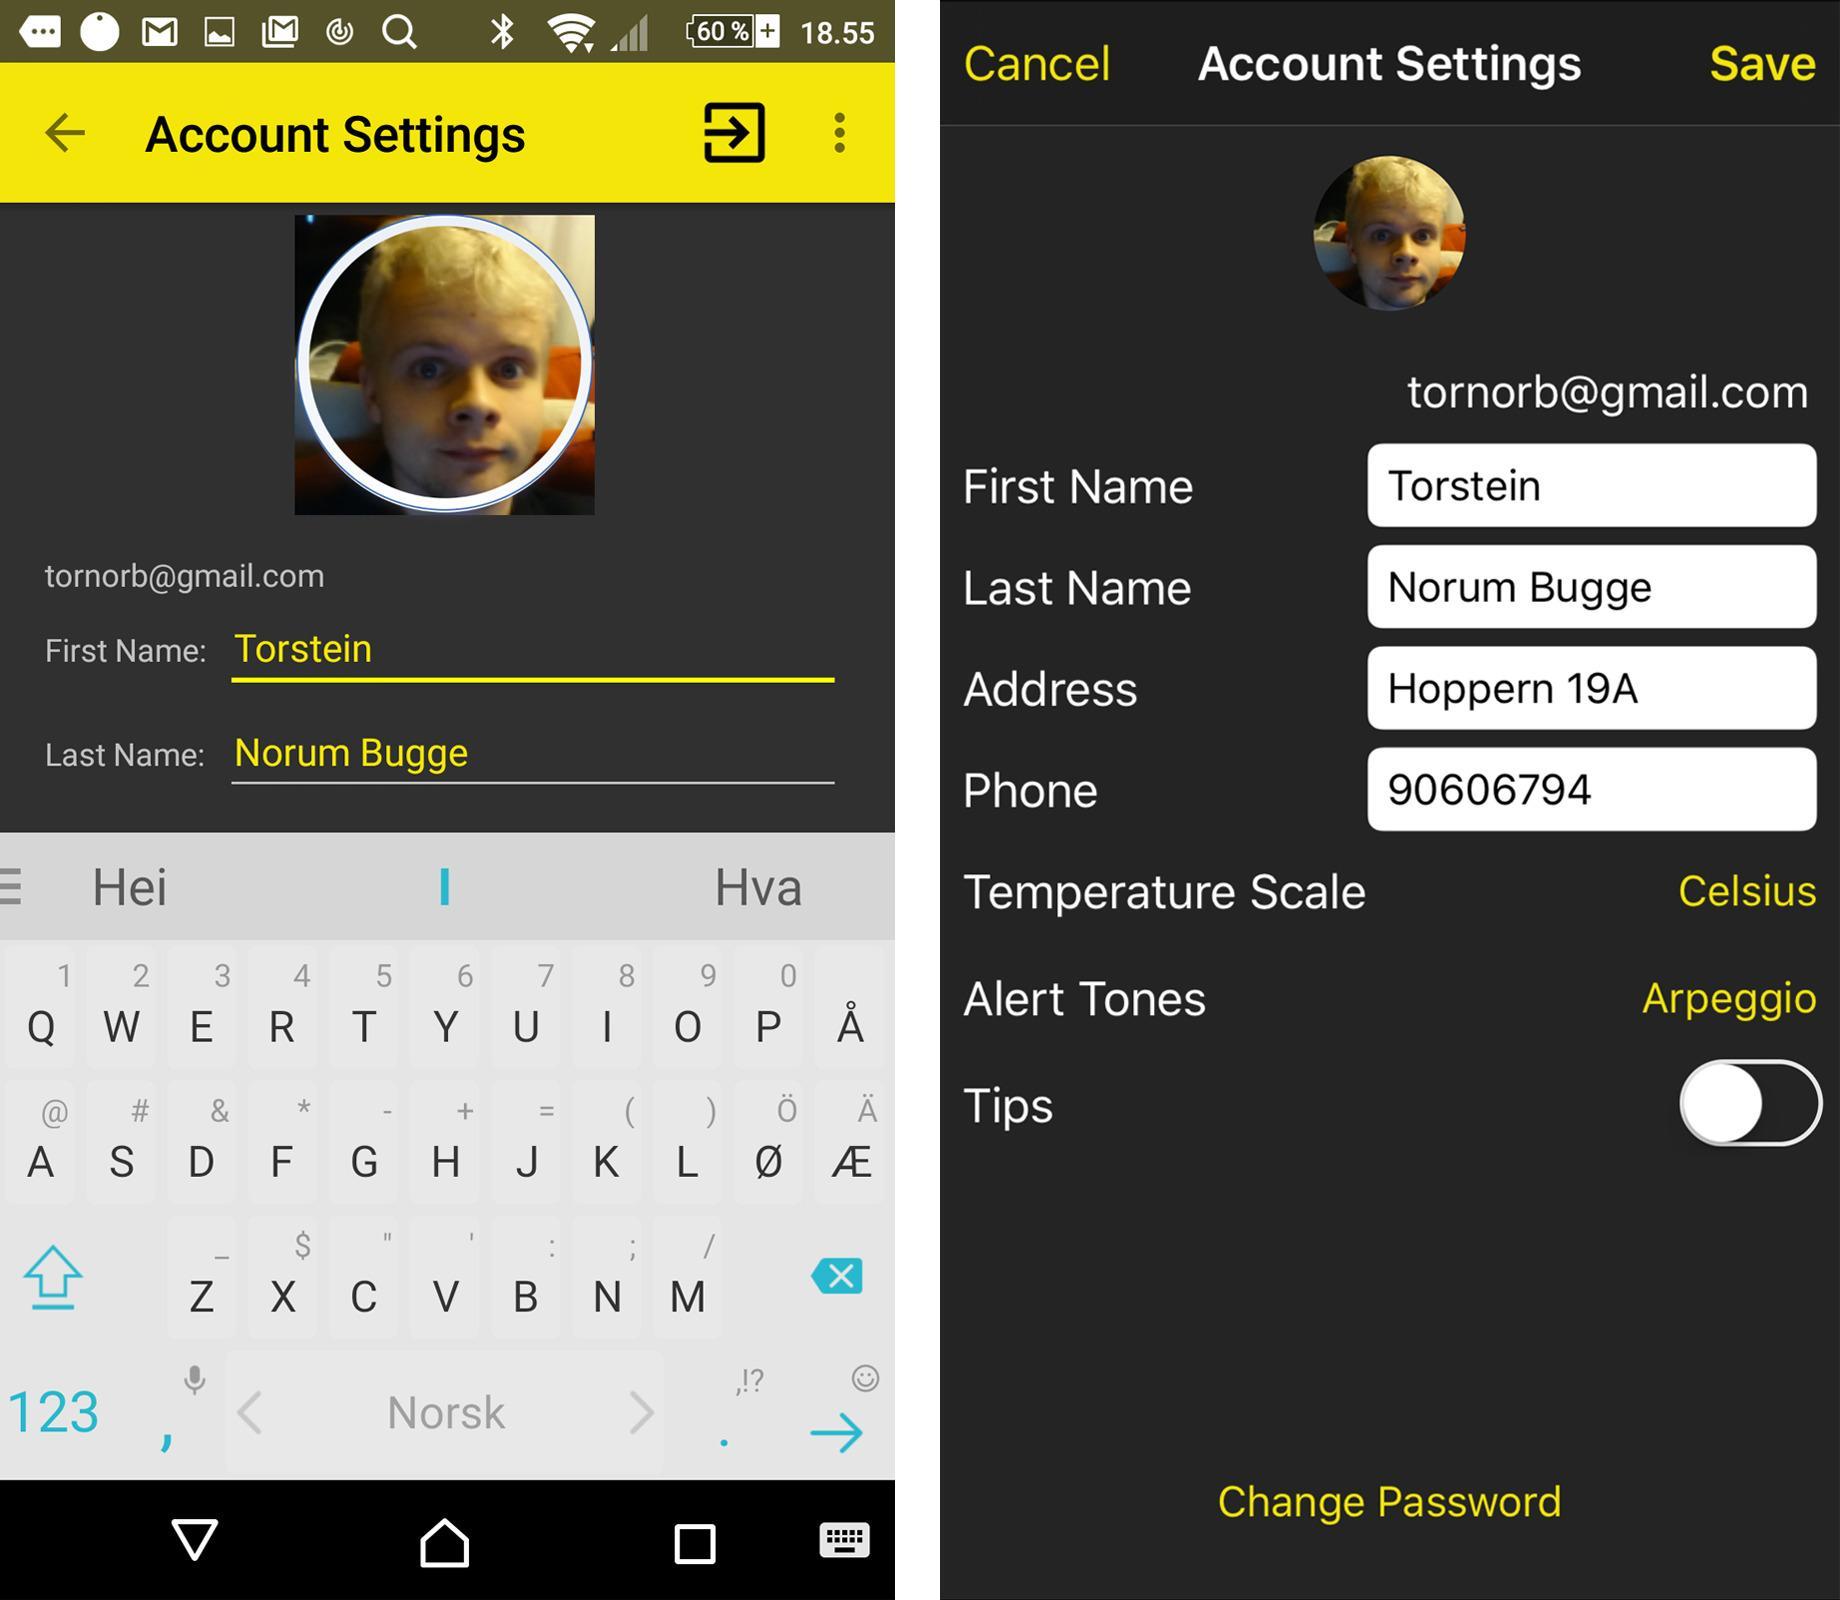 Kontoinnstillingene i Pebblebee Hive-appen. Android-versjonen til venstre vil ikke vise profilbildet til undertegnede korrekt, og slikt rot finnes rundt omkring i appen.